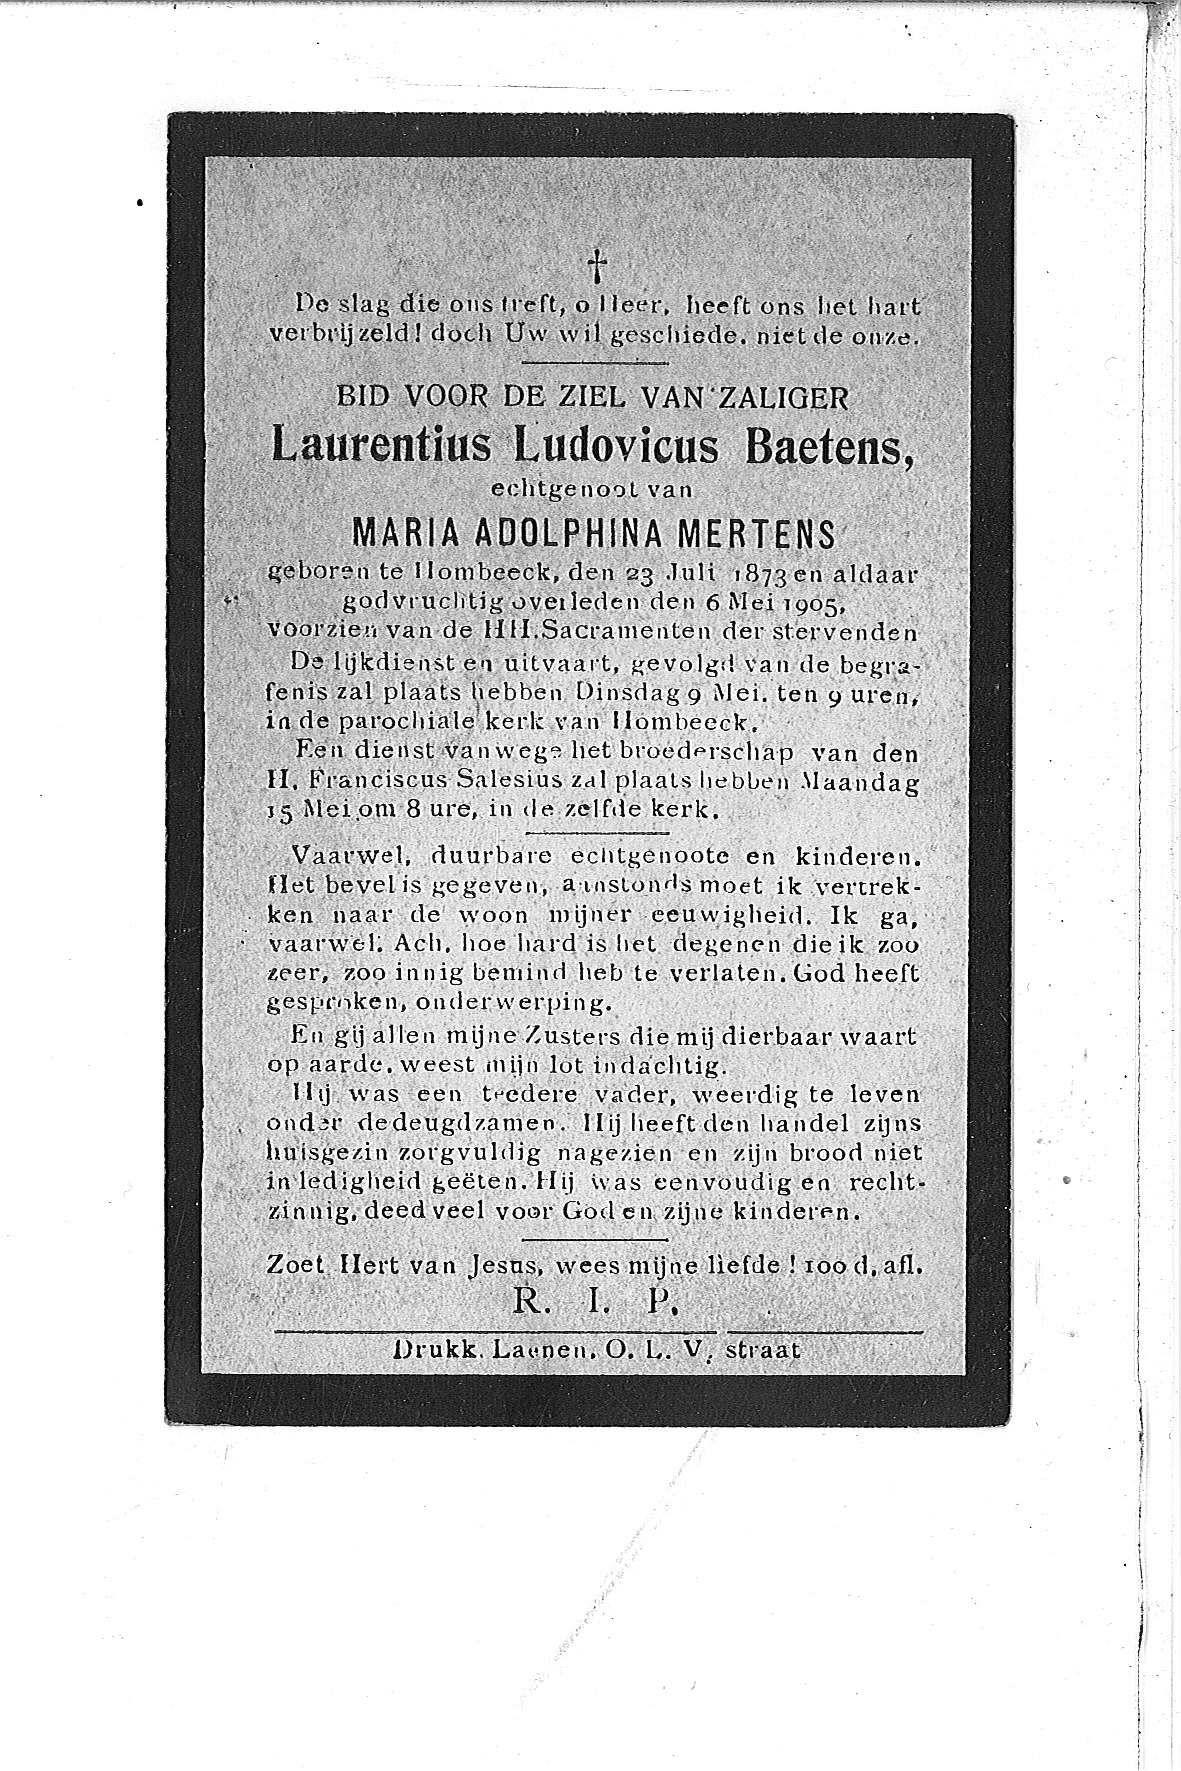 Laurentius-Ludovicus(1905)20101004091156_00024.jpg